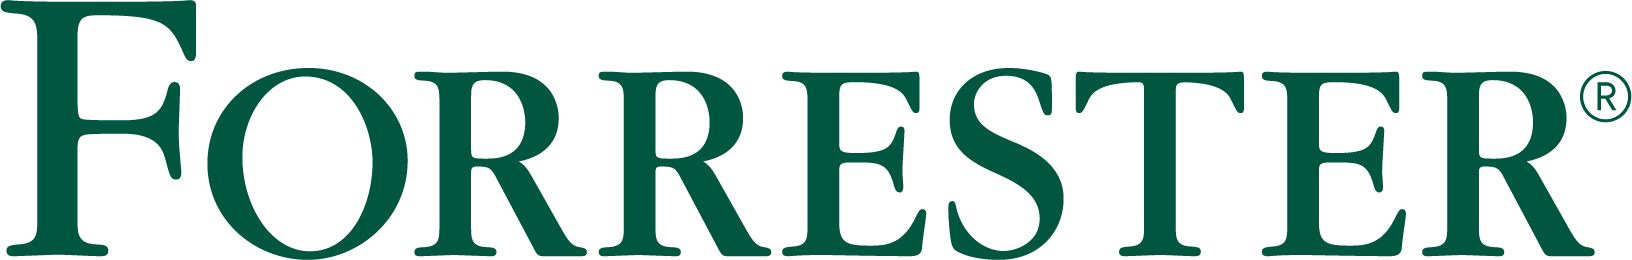 Forrester-logó